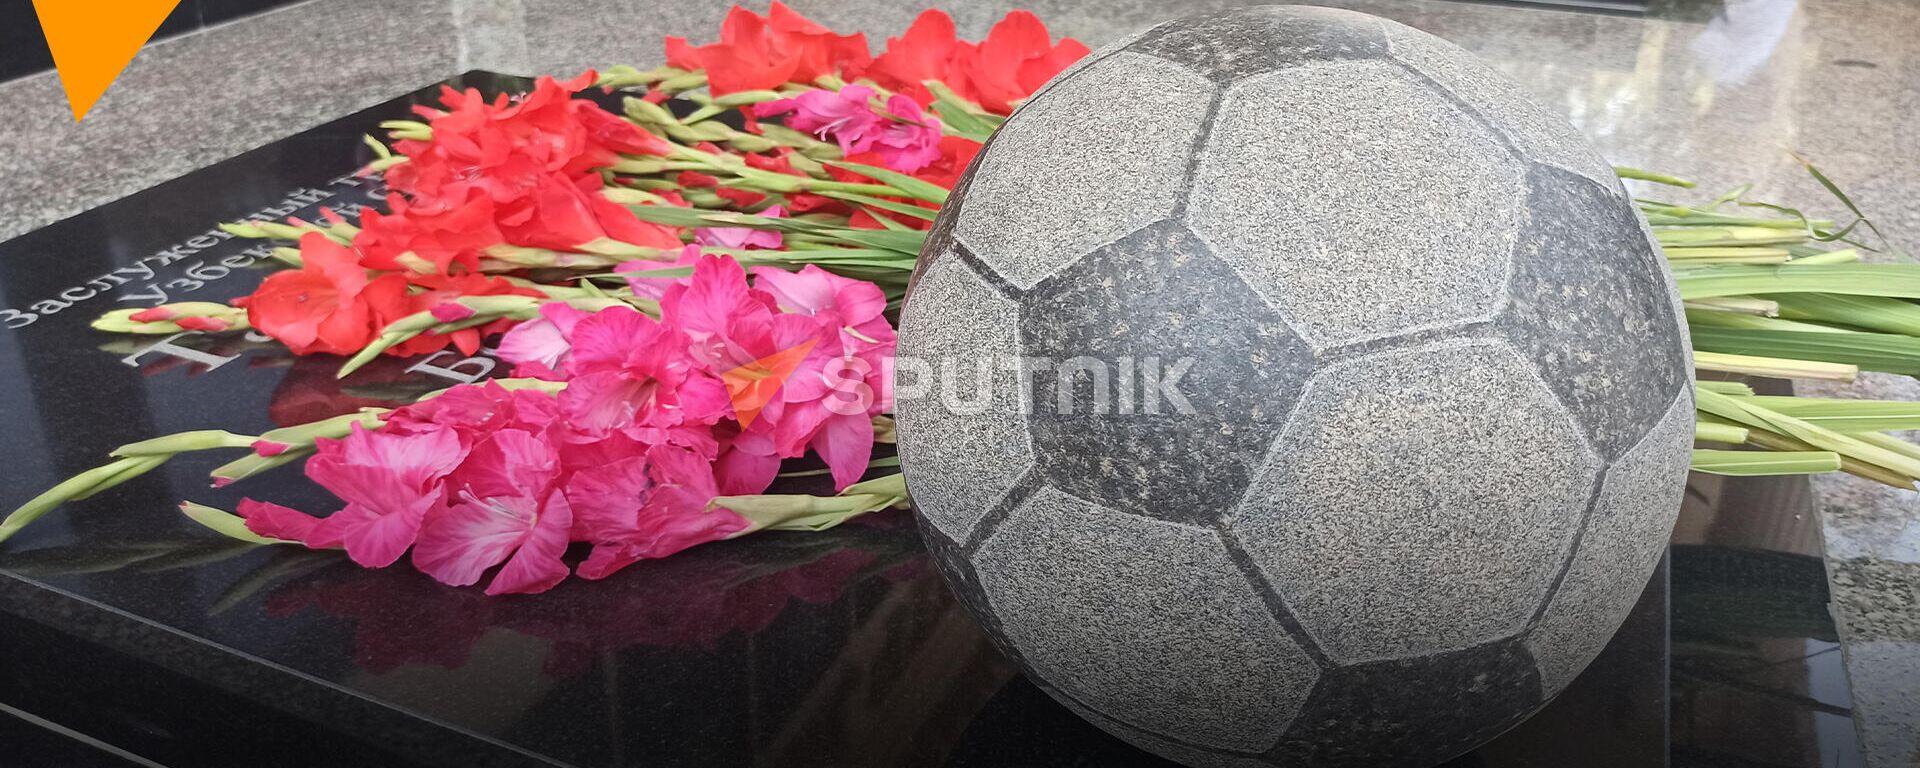 Акция в память о погибшей команде Пахтакор-79 - Sputnik Узбекистан, 1920, 11.08.2021